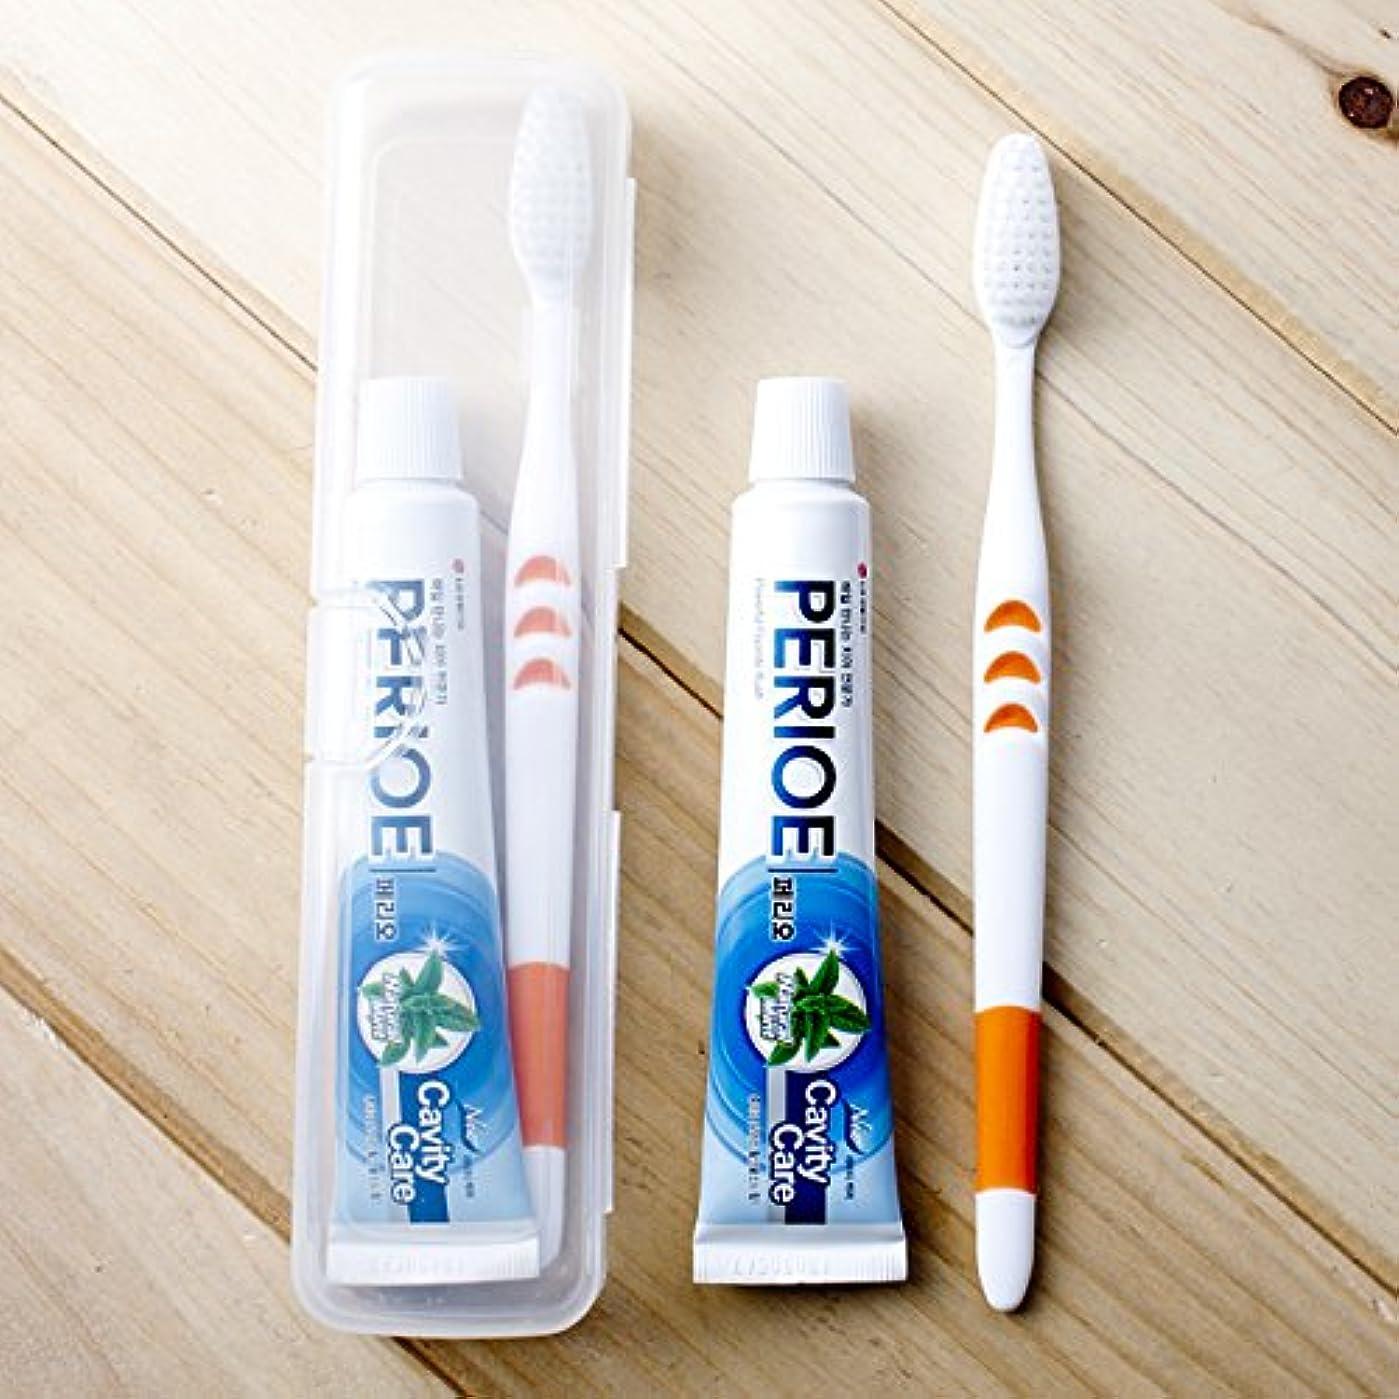 勇敢なまで道路VBMDoM 旅行歯ブラシキットセット x 2個 韓国製品 [並行輸入品]